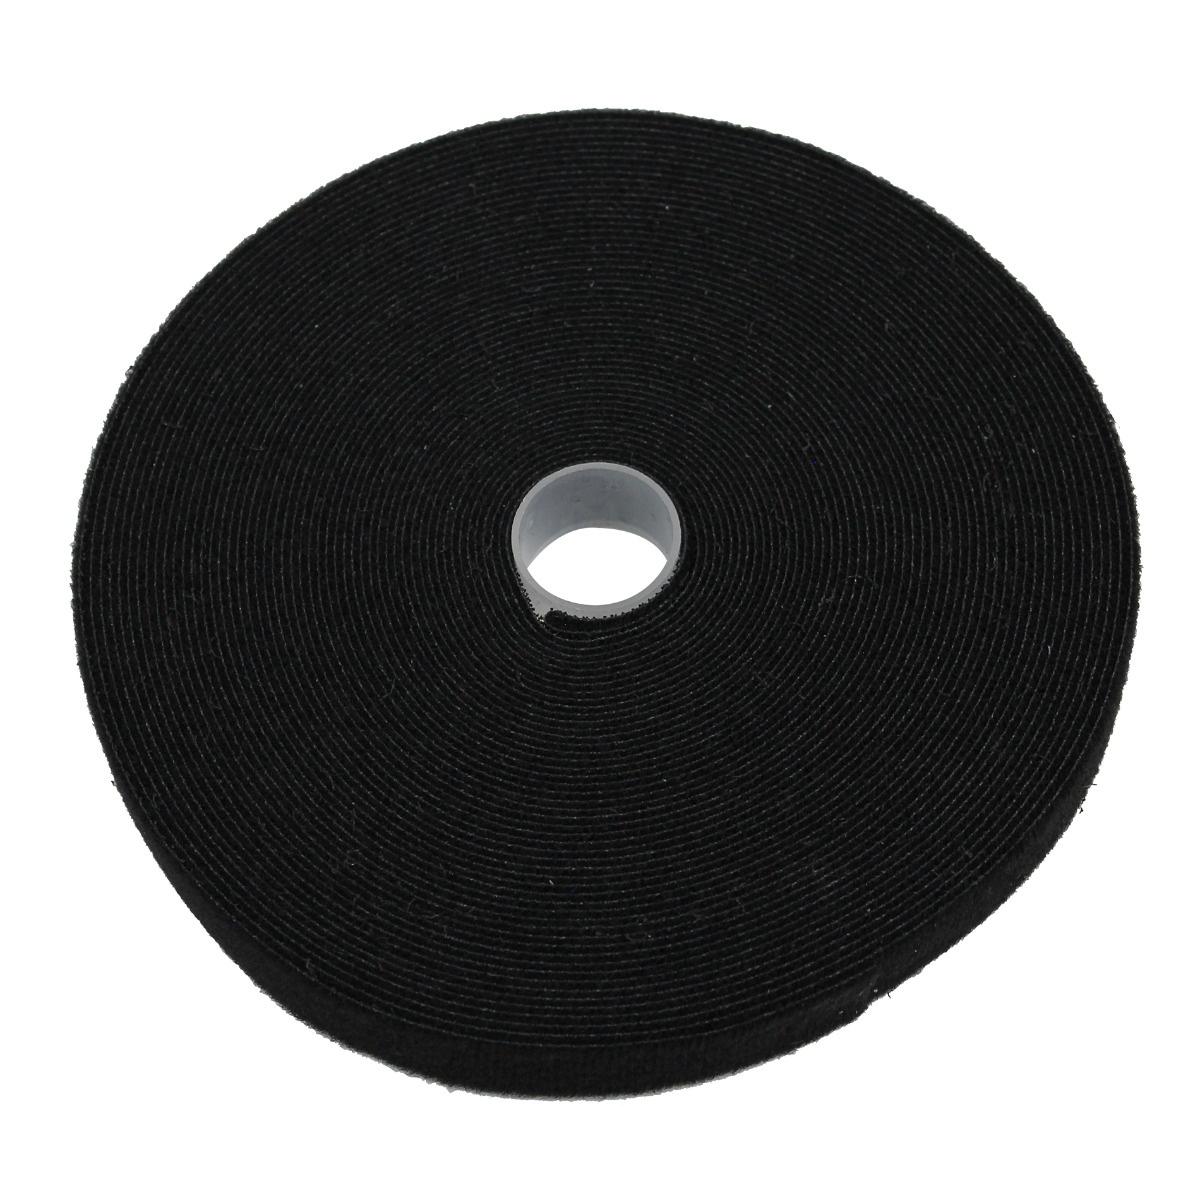 """Hook & Loop Tape, 1/2"""" Wide, Black, 50FT Roll"""